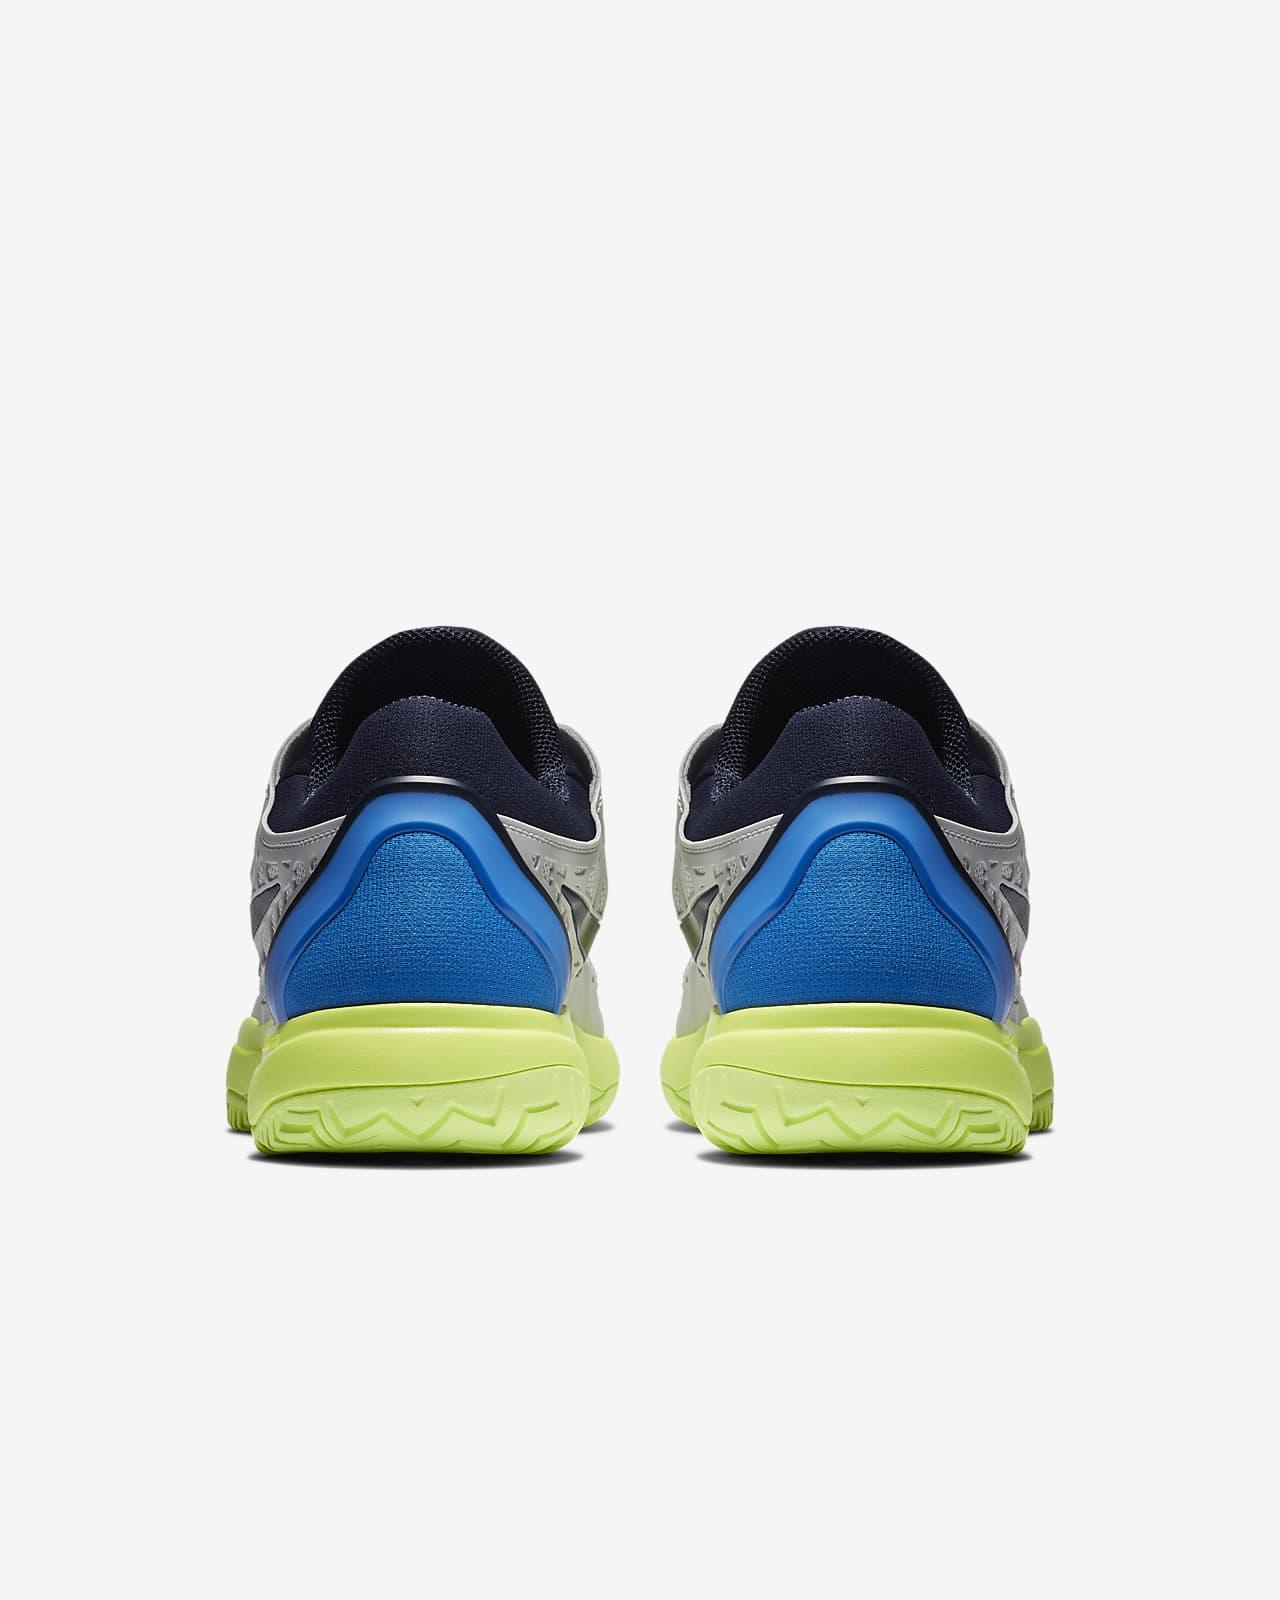 Chaussure de tennis pour surface dure NikeCourt Zoom Cage 3 pour Homme